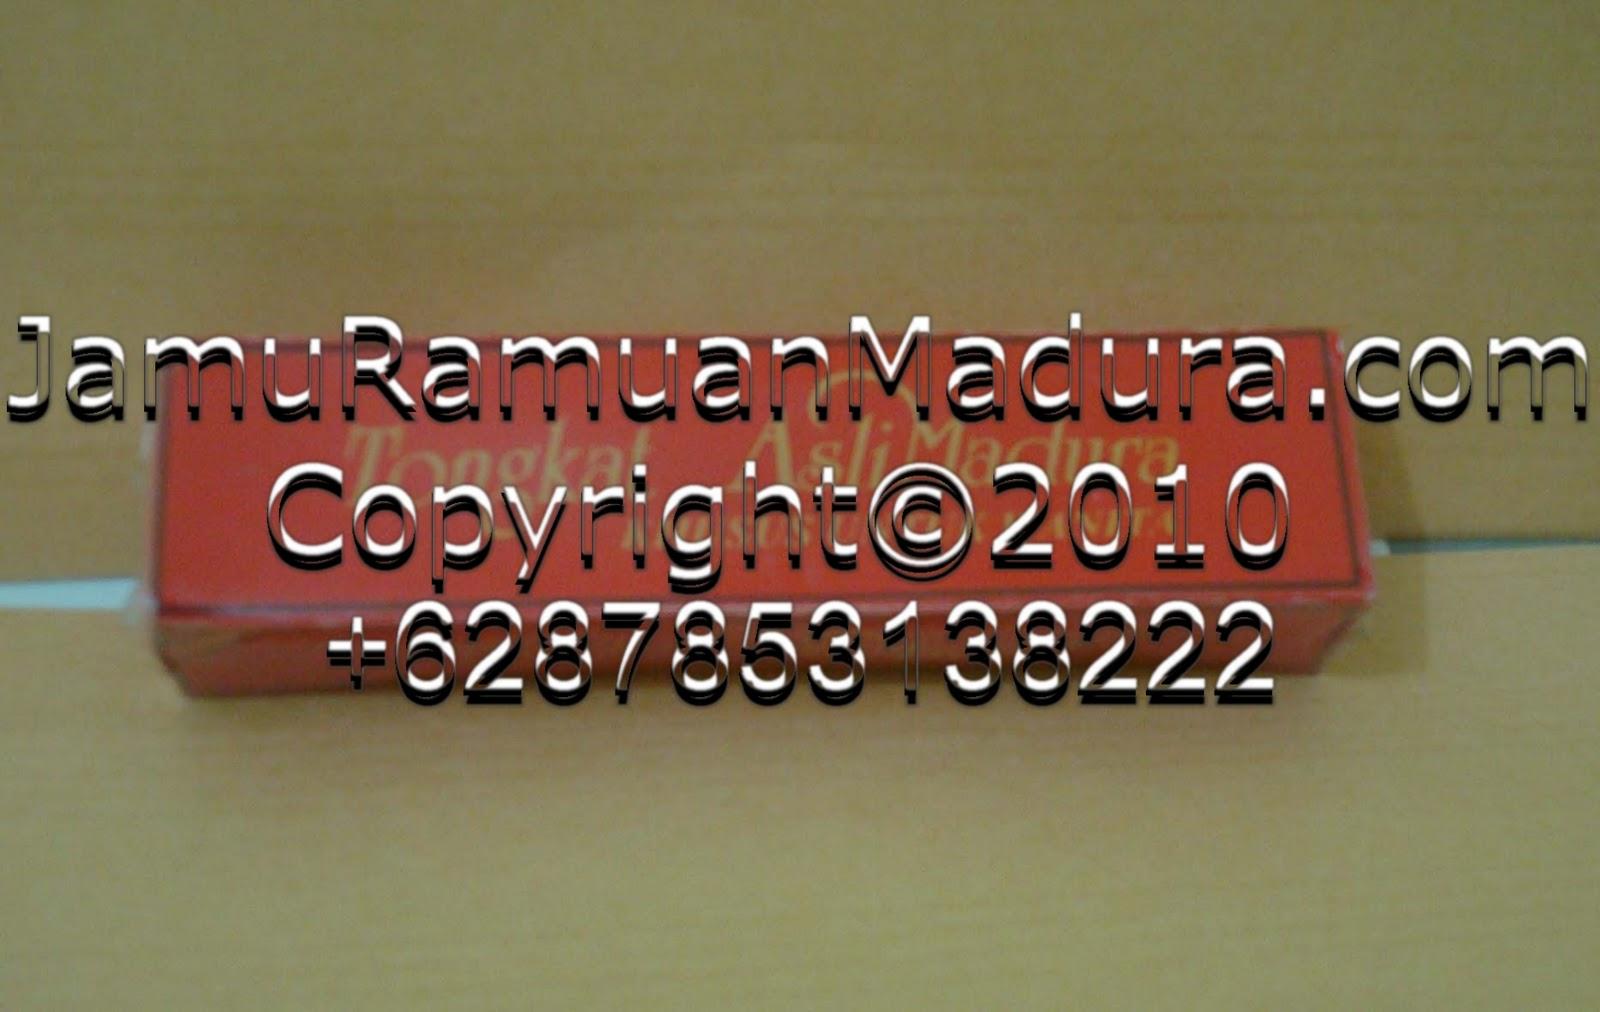 Jamuramuanmaduracom Jamu Tradisional Madura Ramuan Tongkat Asli Atau Biasa Di Kenal Dengan Nama Lain Azimat Adalah Herbal Untuk Bagian Luar Yang Khasiat Nya